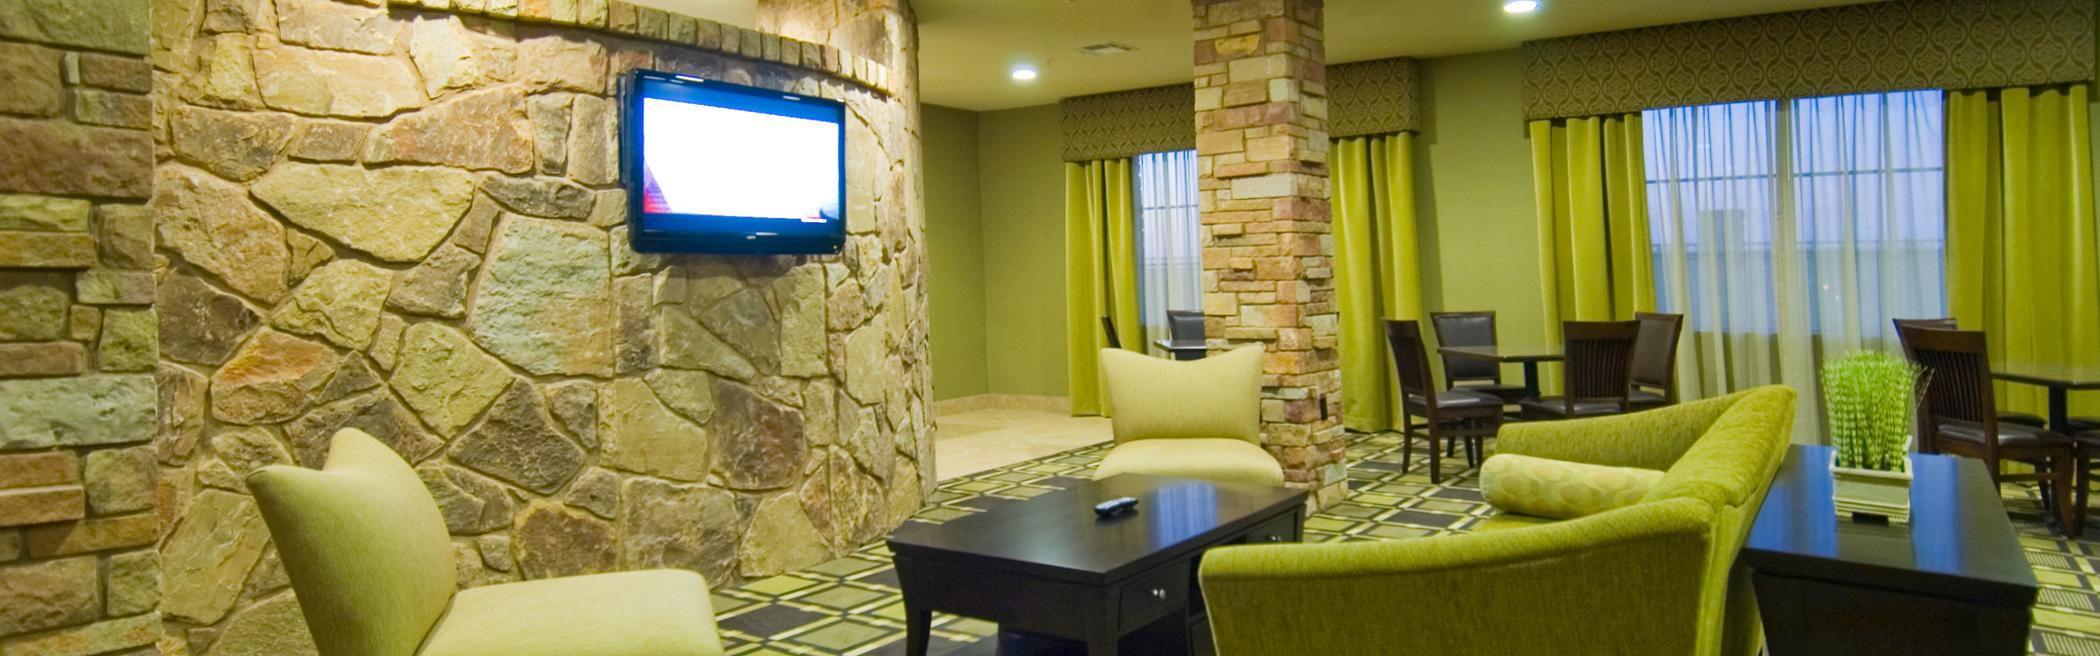 Holiday Inn Express Marble Falls image 3